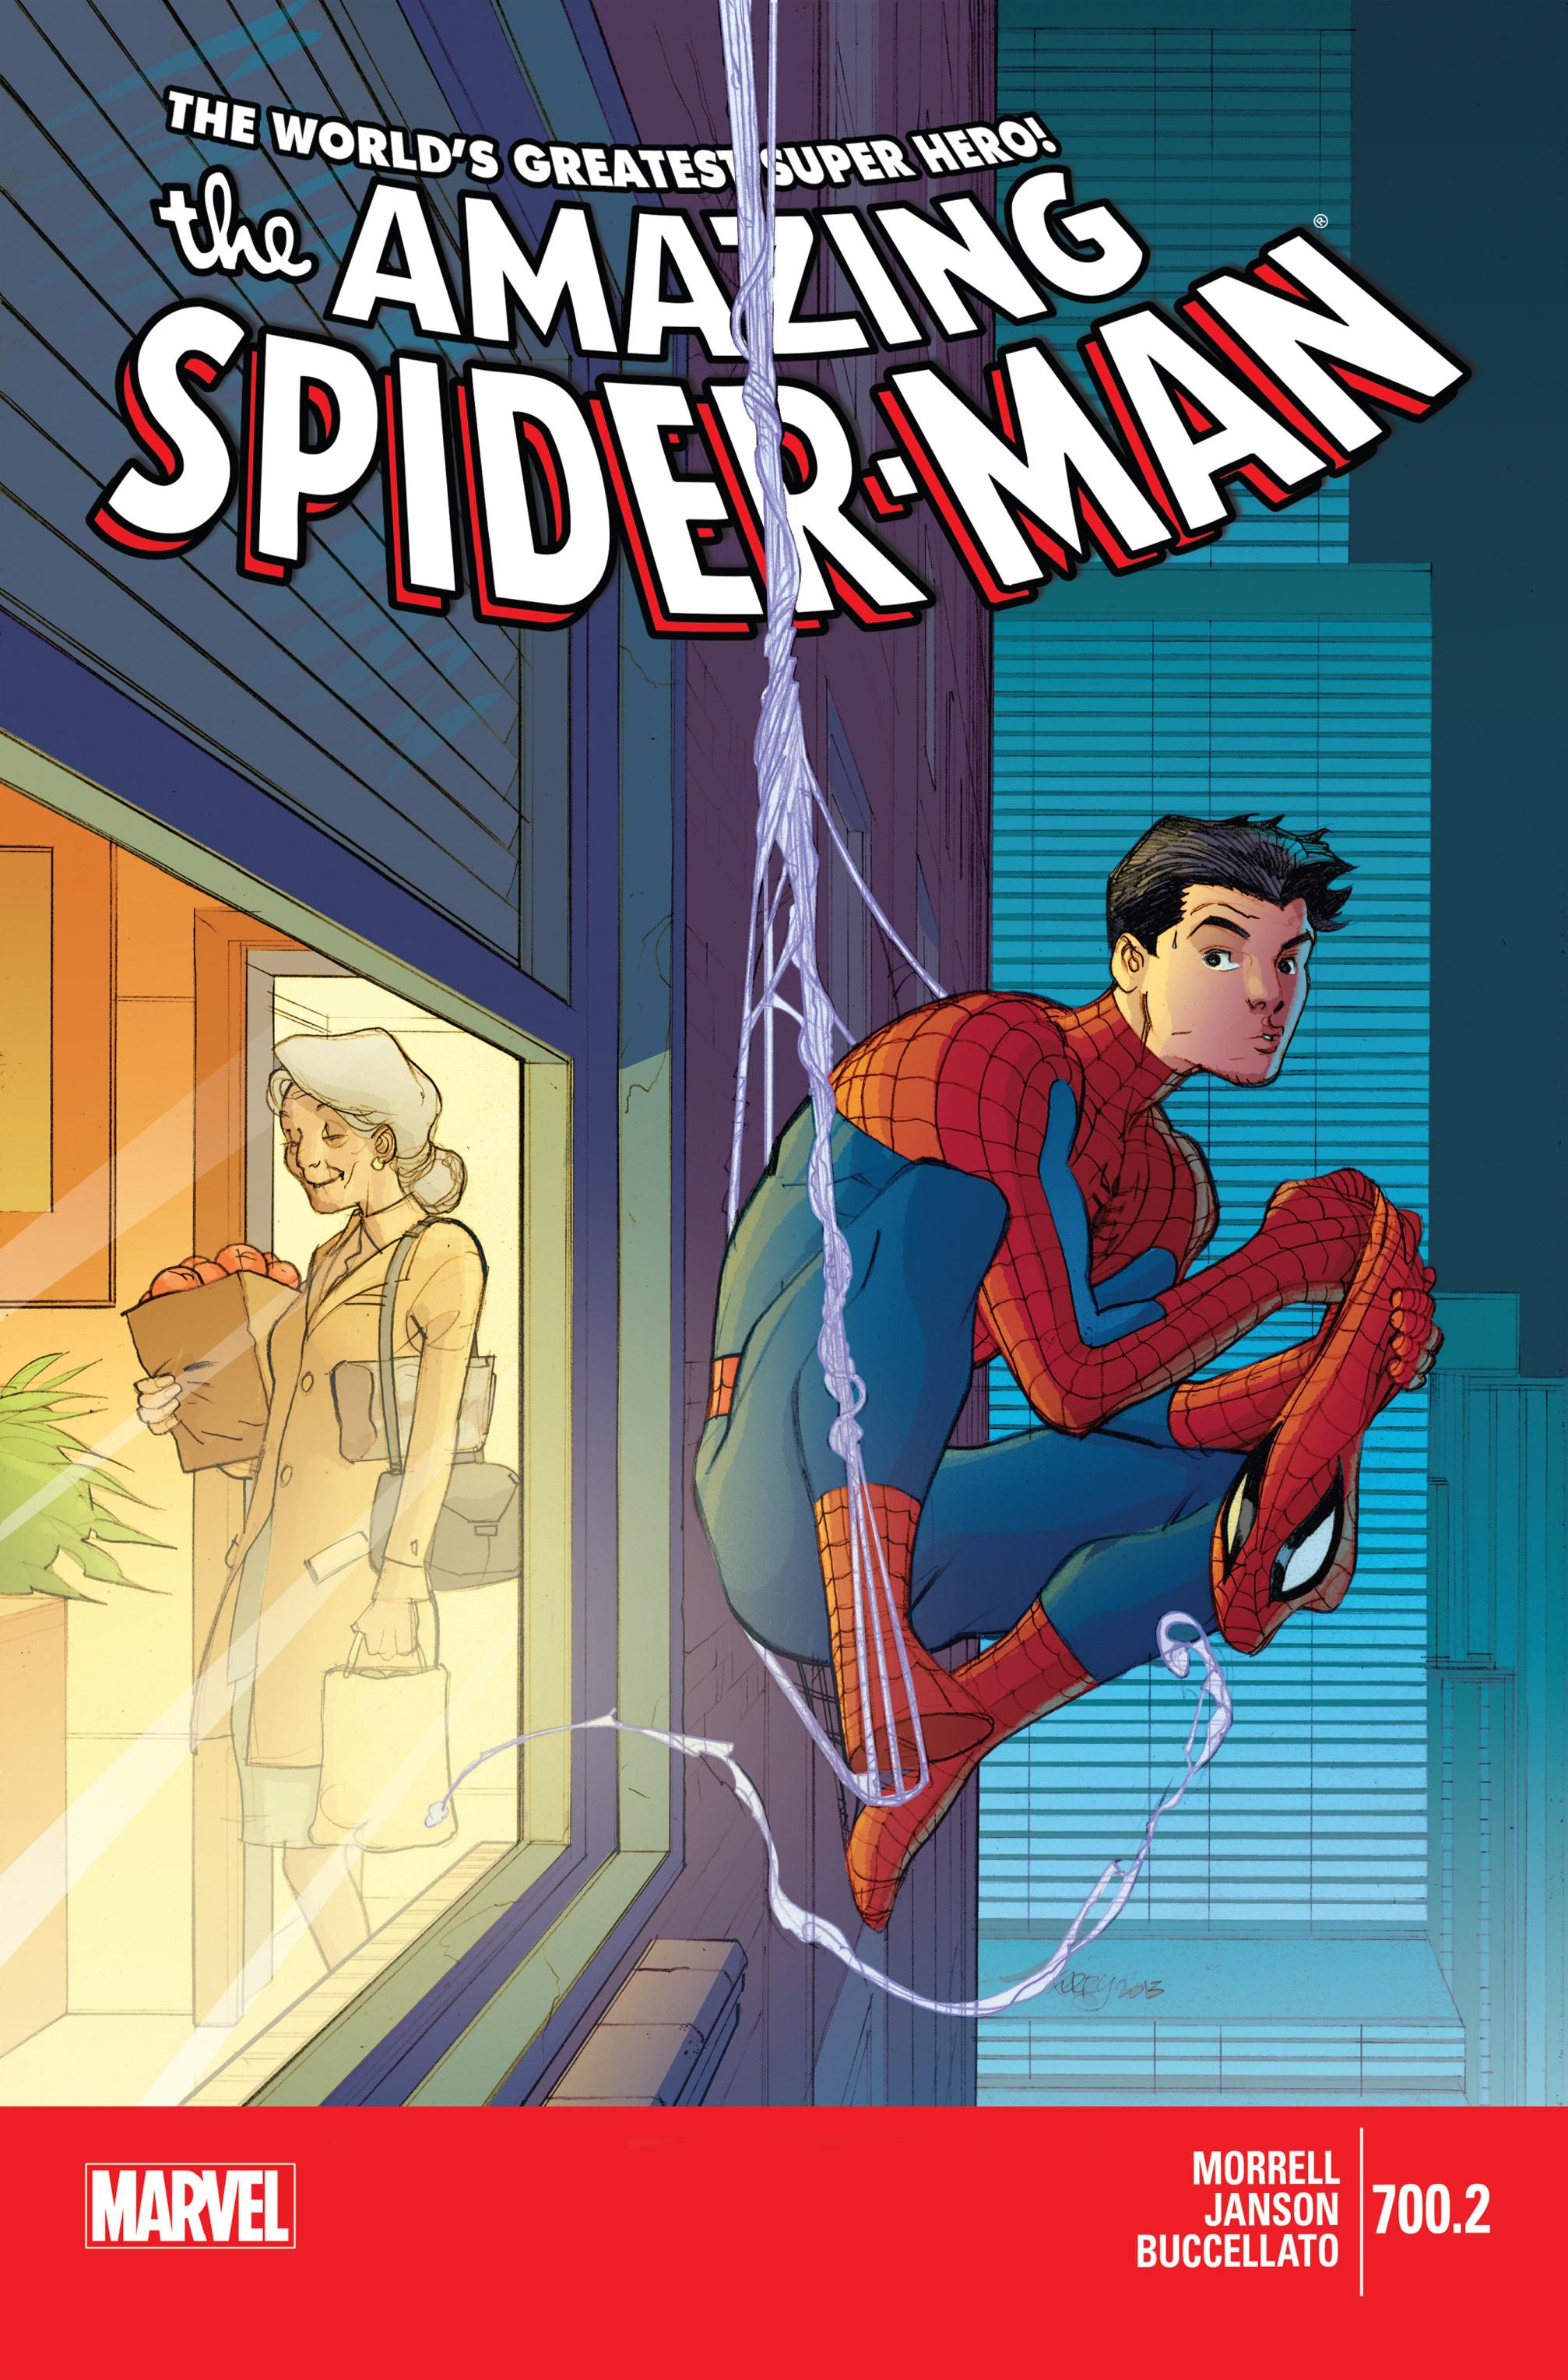 Amazing Spider-Man Vol 1 700.2